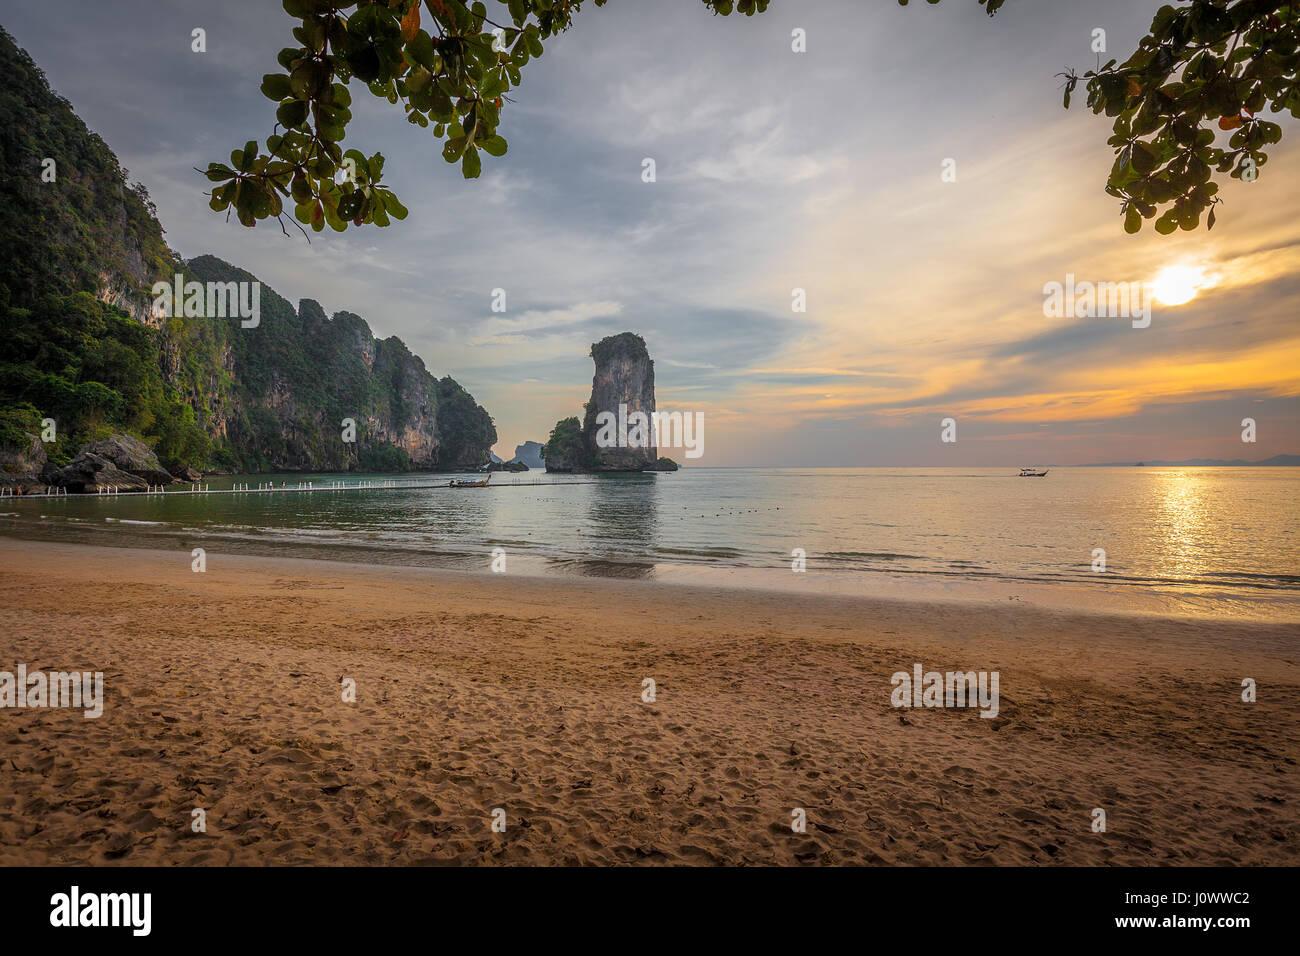 Pai Plong plage au coucher du soleil, Ao Nang, province de Krabi, Thaïlande, Asie du Sud-Est Photo Stock